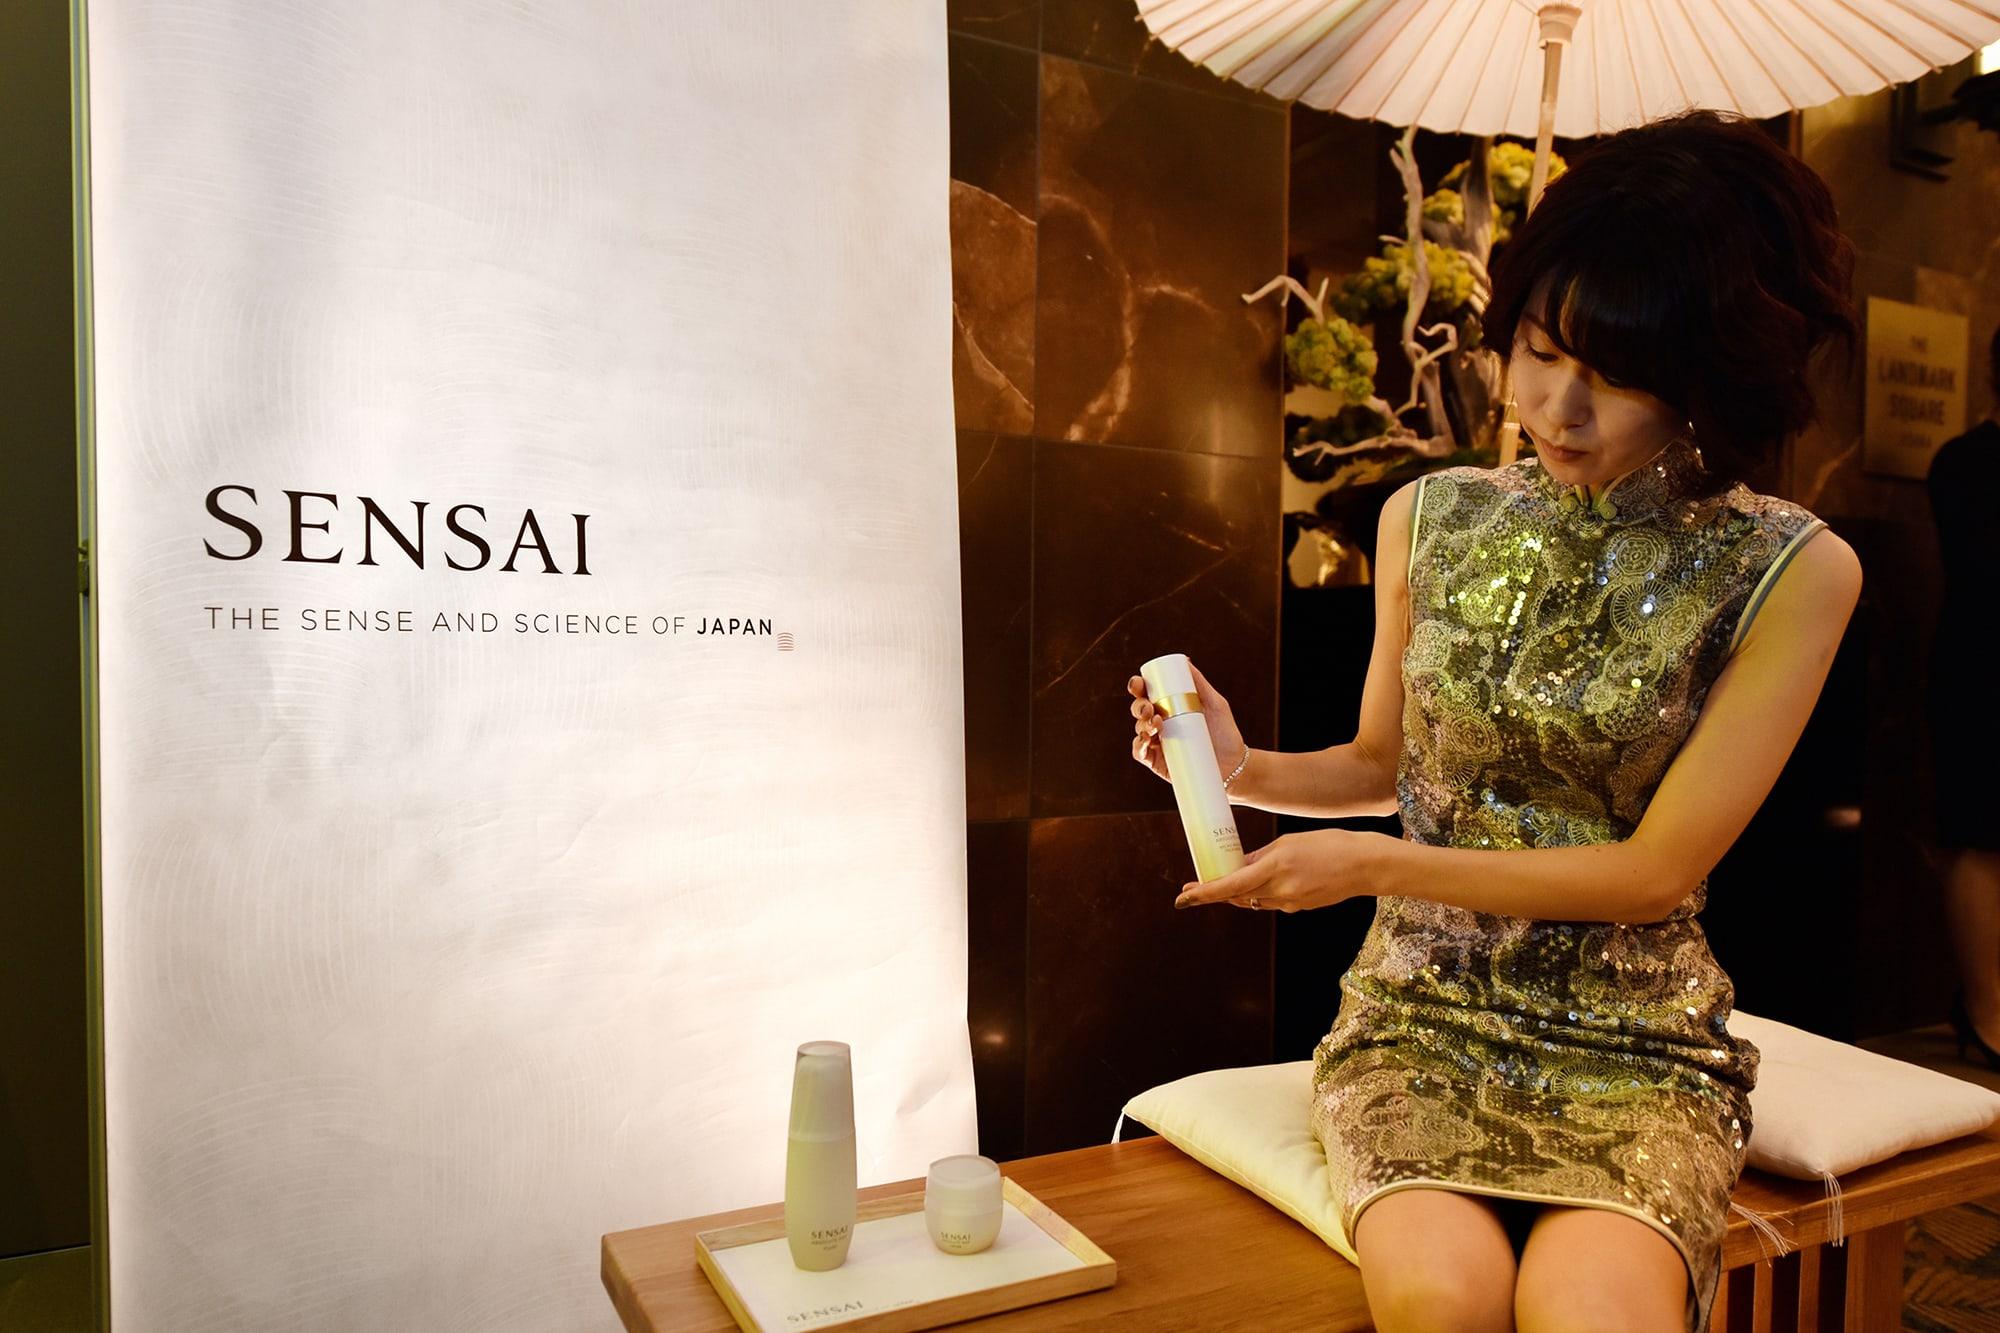 海外からのゲストも「SENSAI」特別ブースに立ち寄り、手に取っていた。